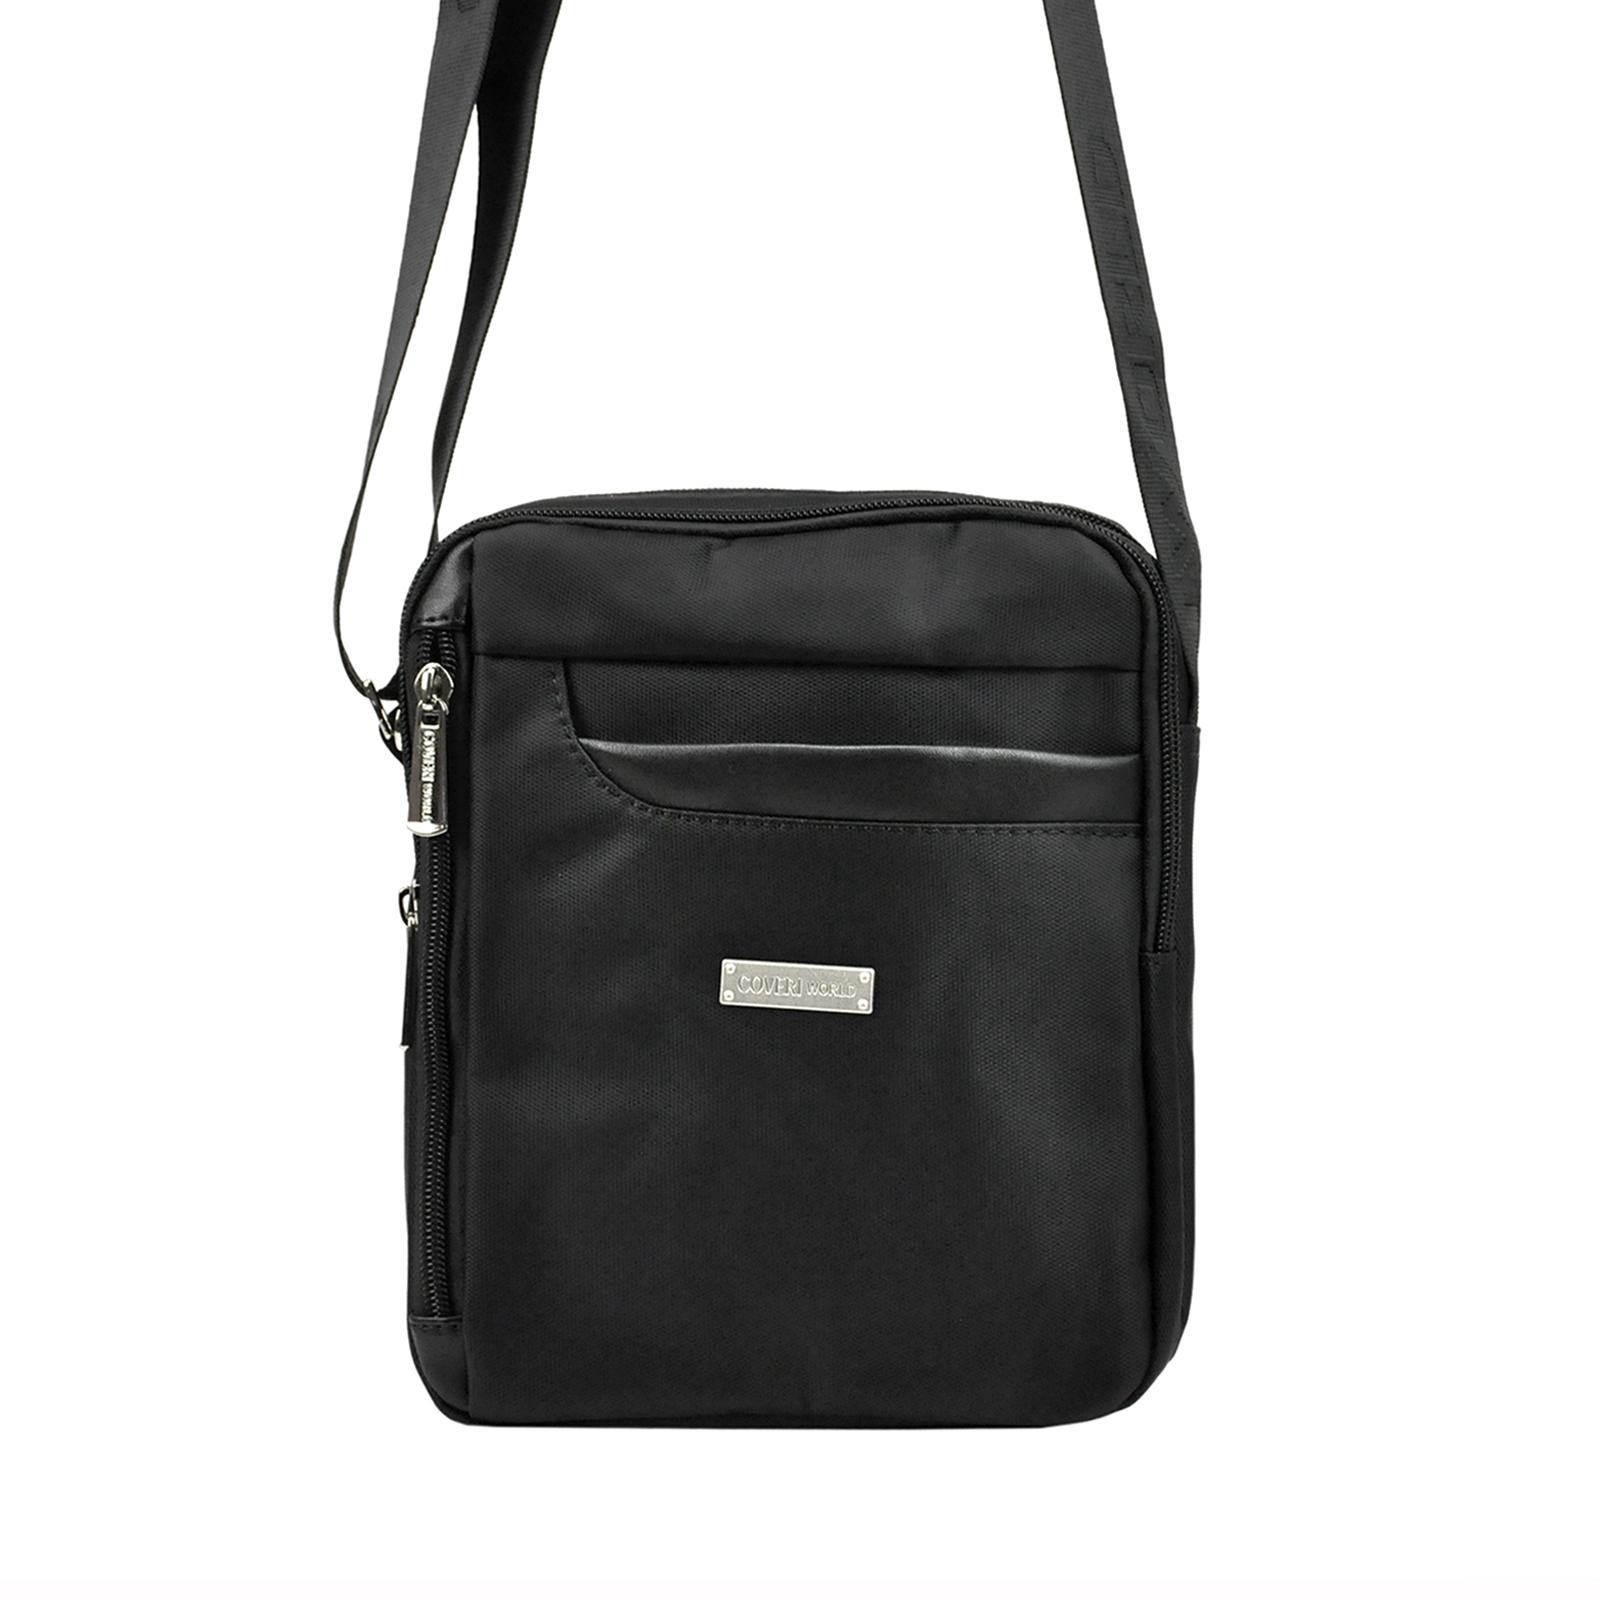 Praktická taška na rameno.